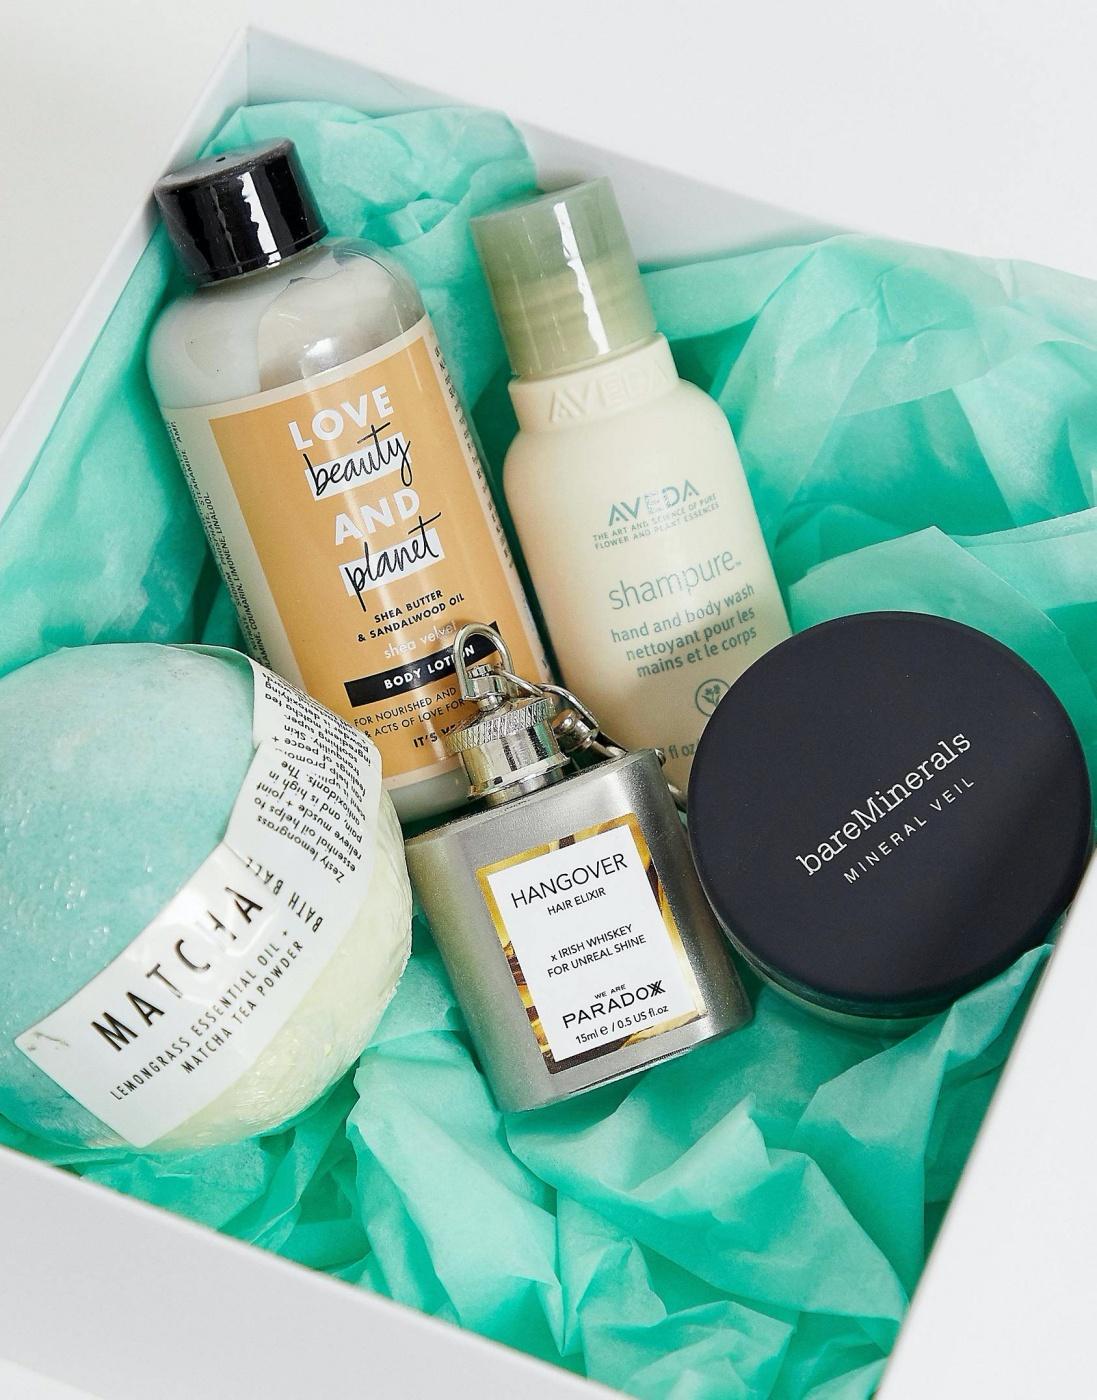 ASOS Vegan Beauty Box